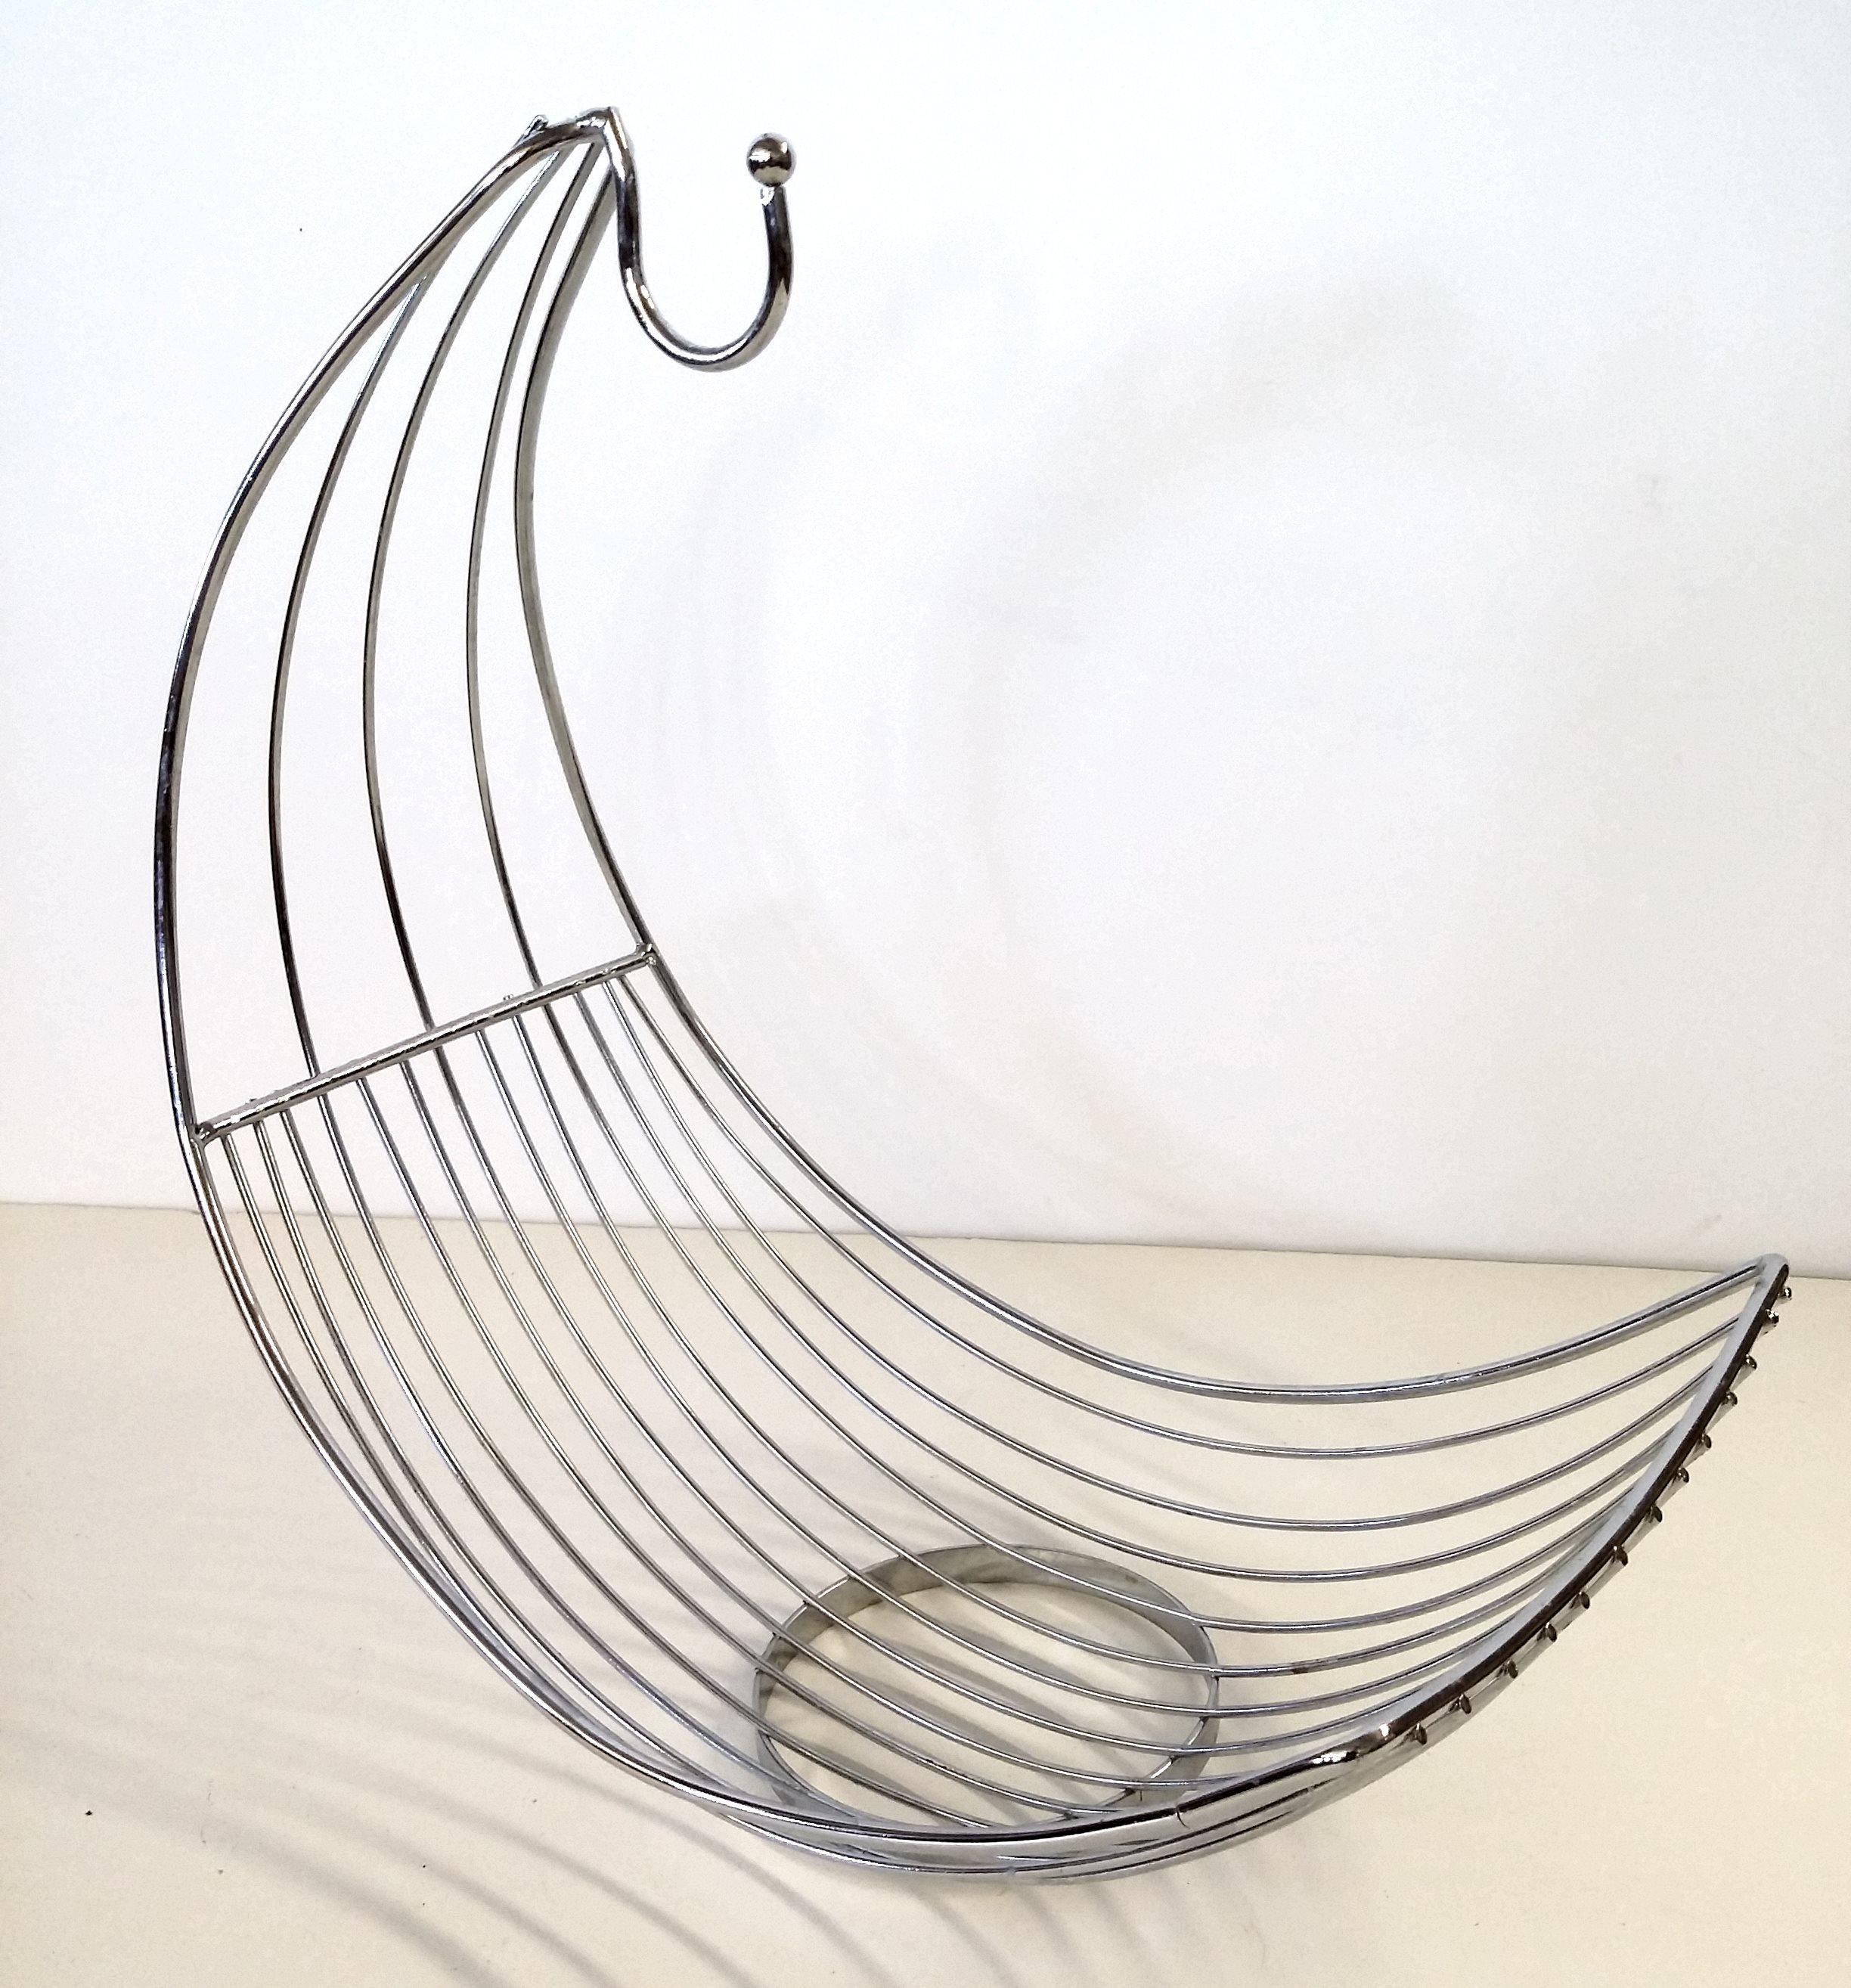 stainless steel banana hammock  u0026 fruit holder   image 5     stainless steel banana hammock  u0026 fruit holder   chairish  rh   chairish